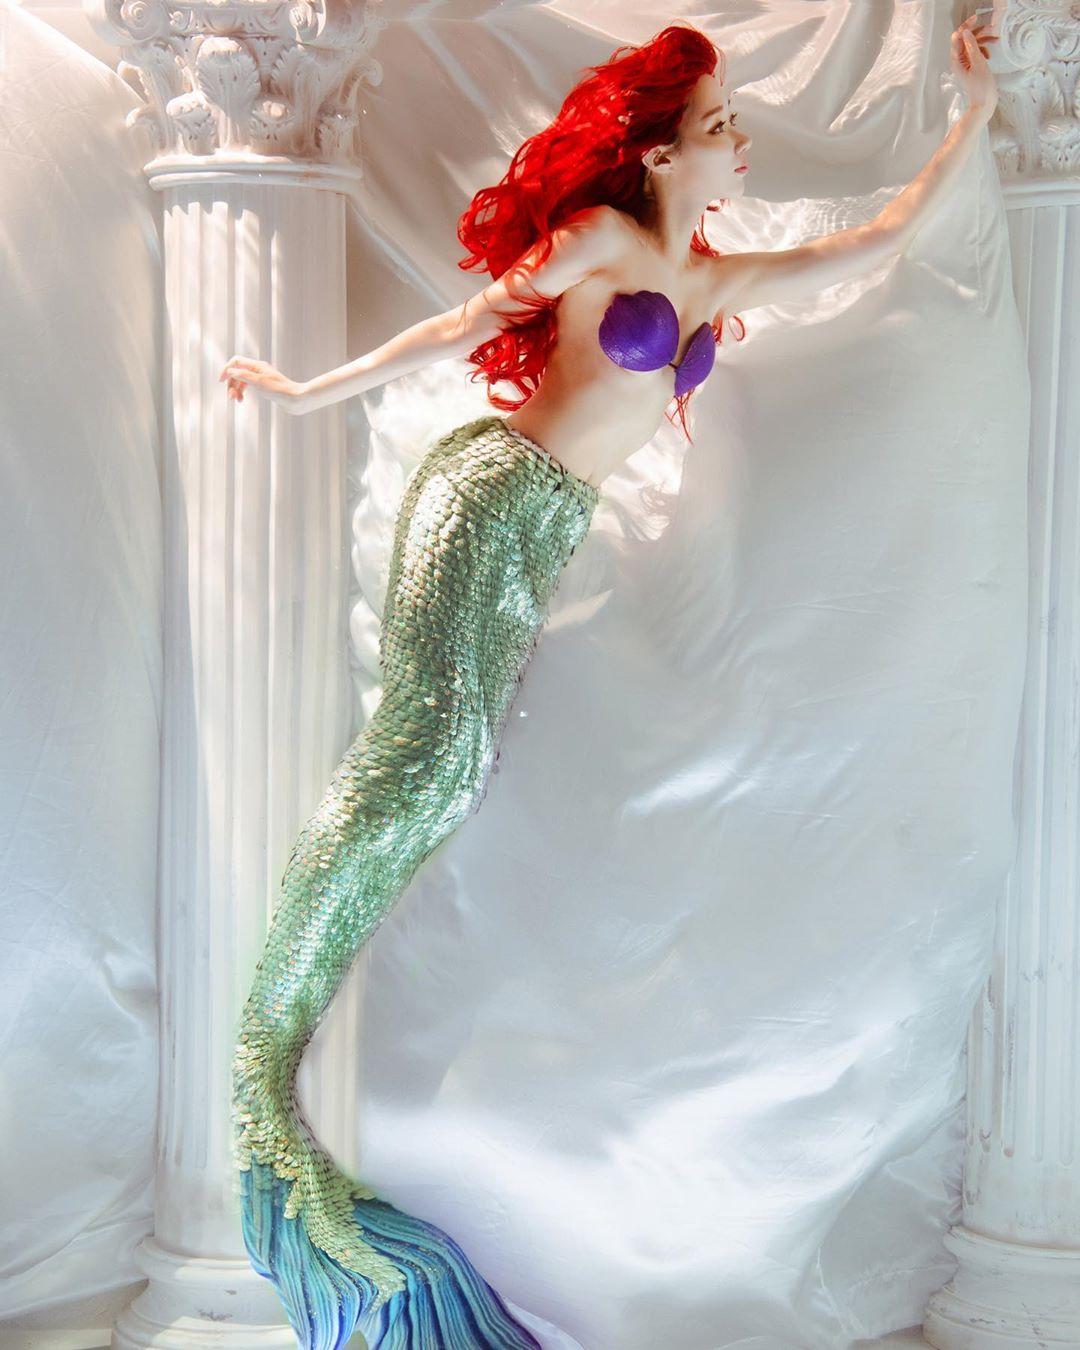 真實小美人魚!正妹神還原「愛麗兒」仙氣爆表 水底下紅髮飄揚超唯美❤